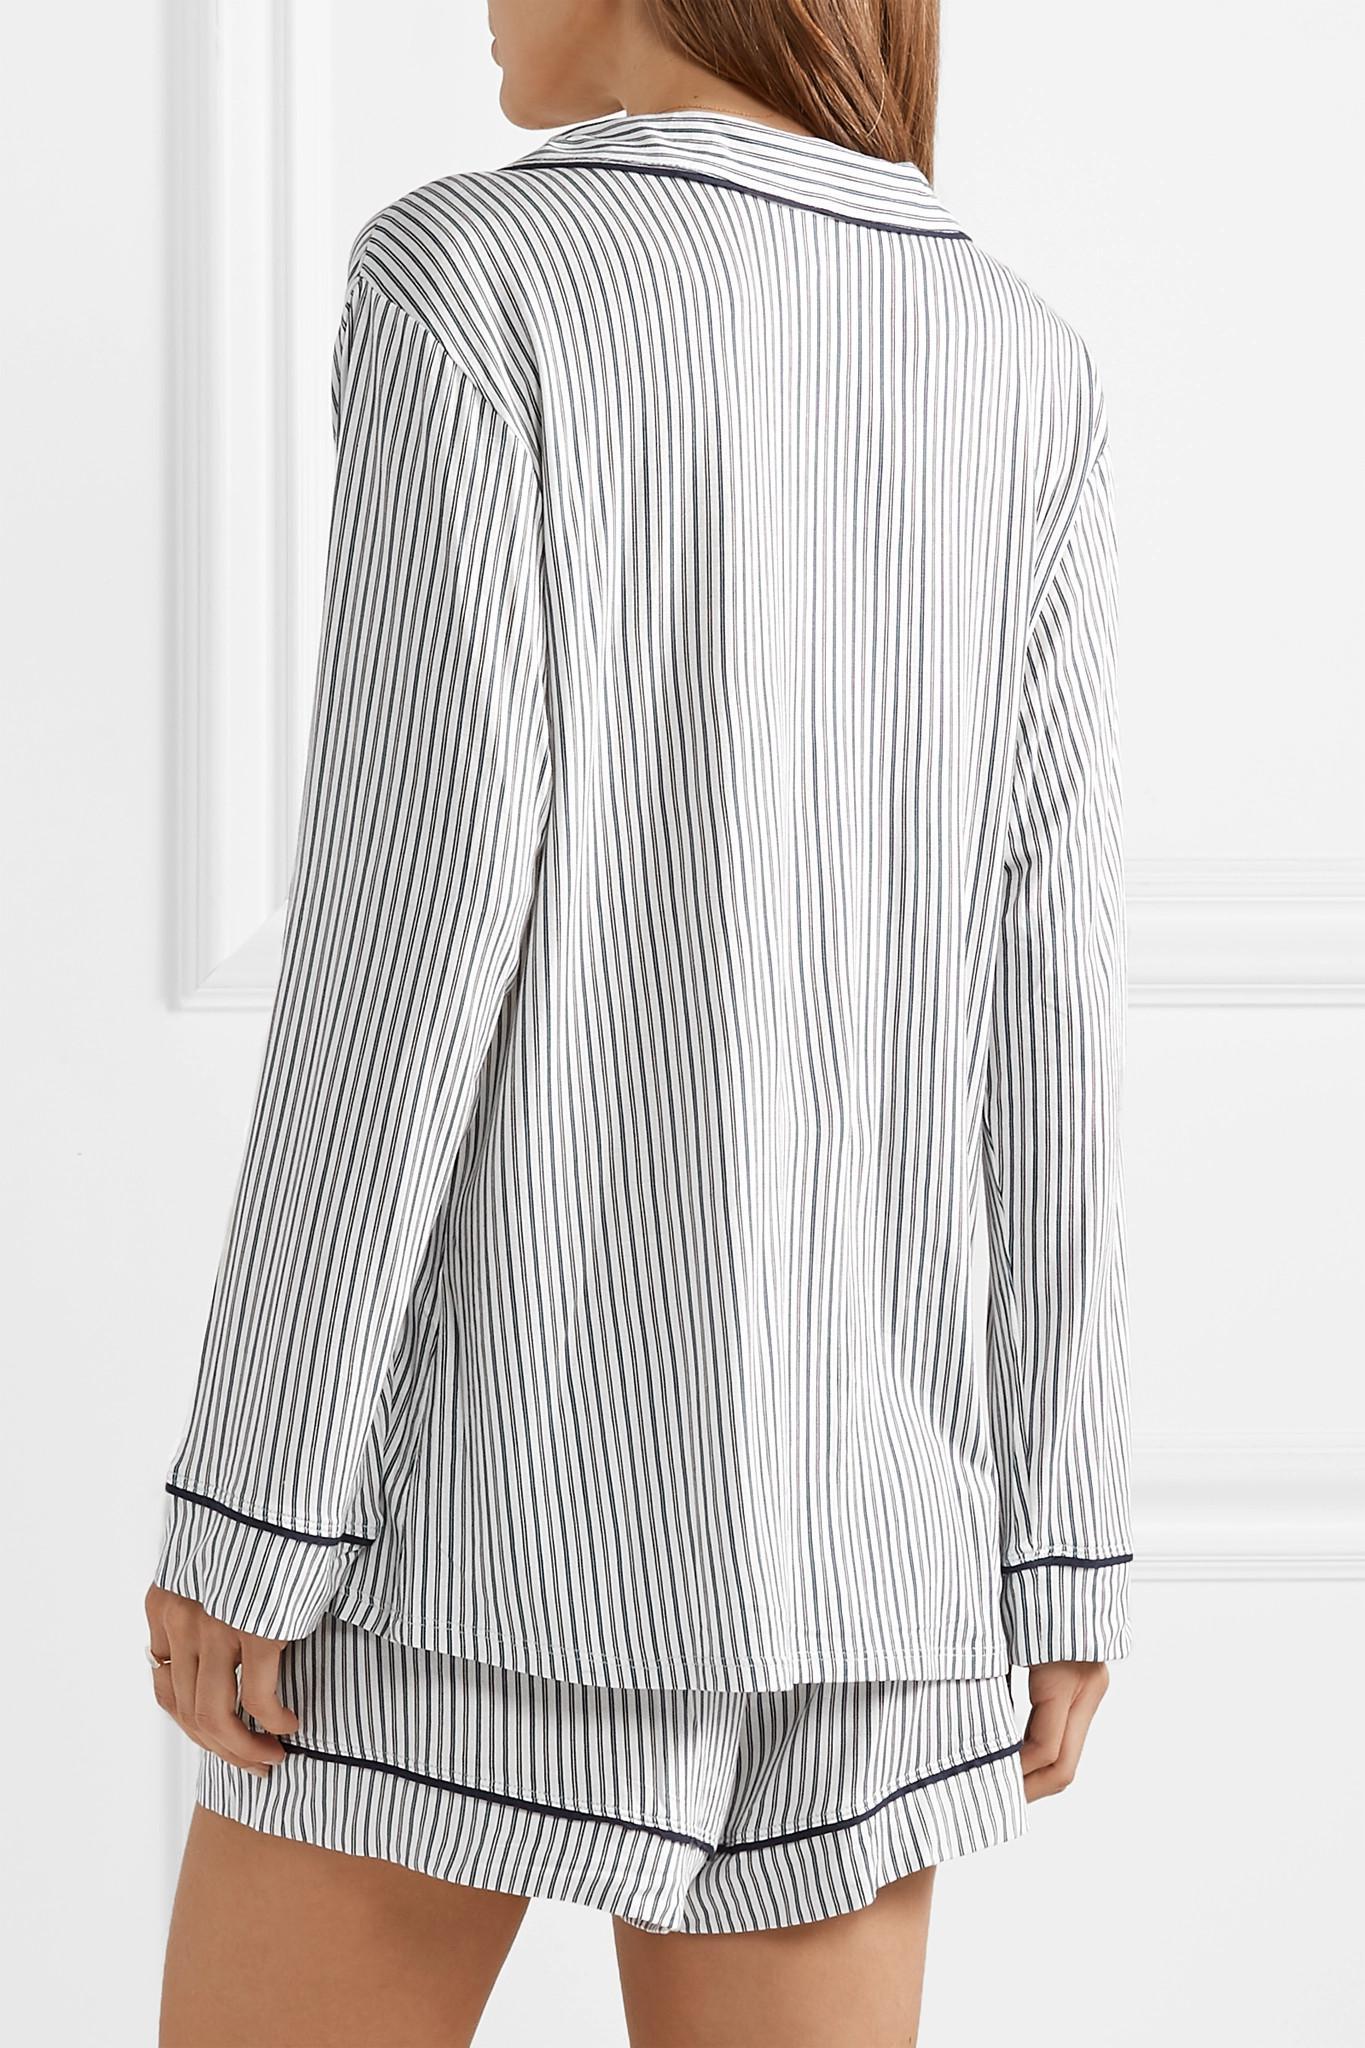 fea0f709f8 Pajamas Sleep Chic Striped Jersey Pajama Set White